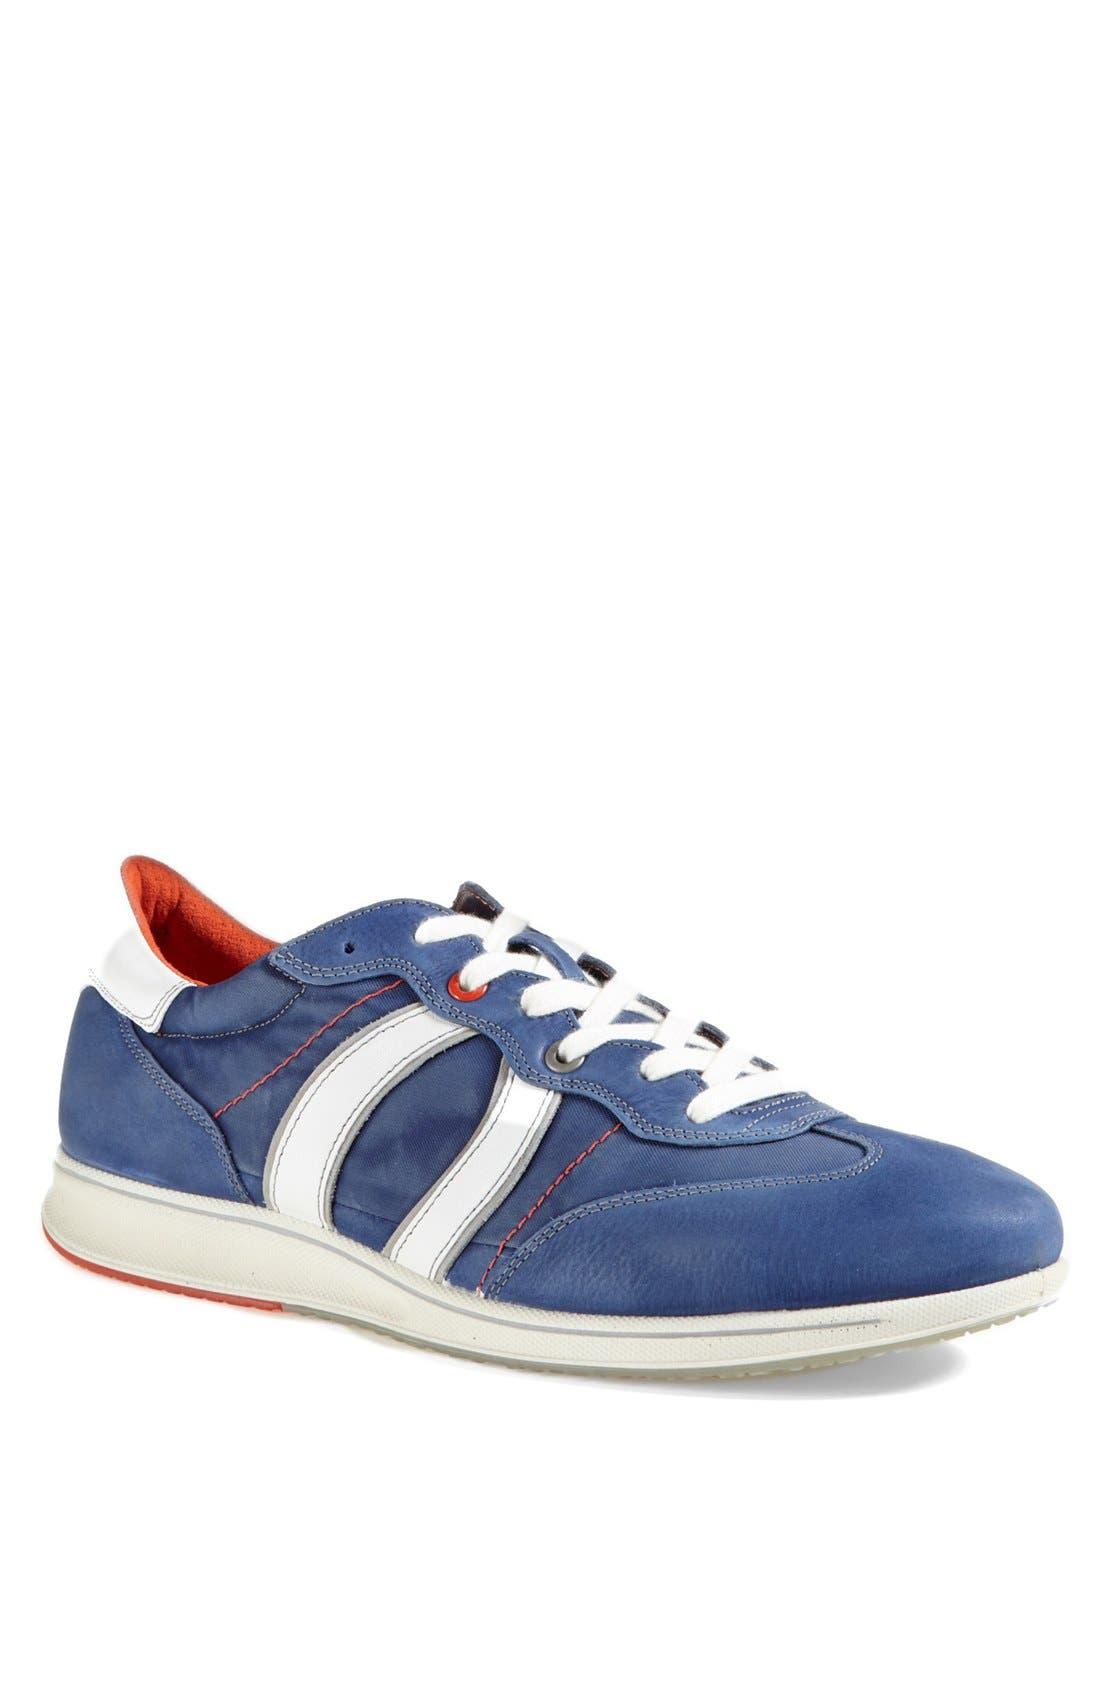 Main Image - ECCO 'Jogga' Sneaker